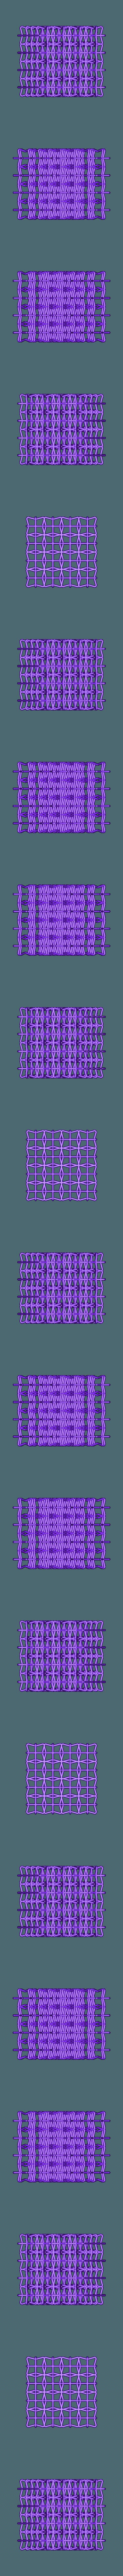 A2_8_4x4.stl Télécharger fichier STL gratuit Cellules de l'unité auxiliaire • Objet imprimable en 3D, sjpiper145